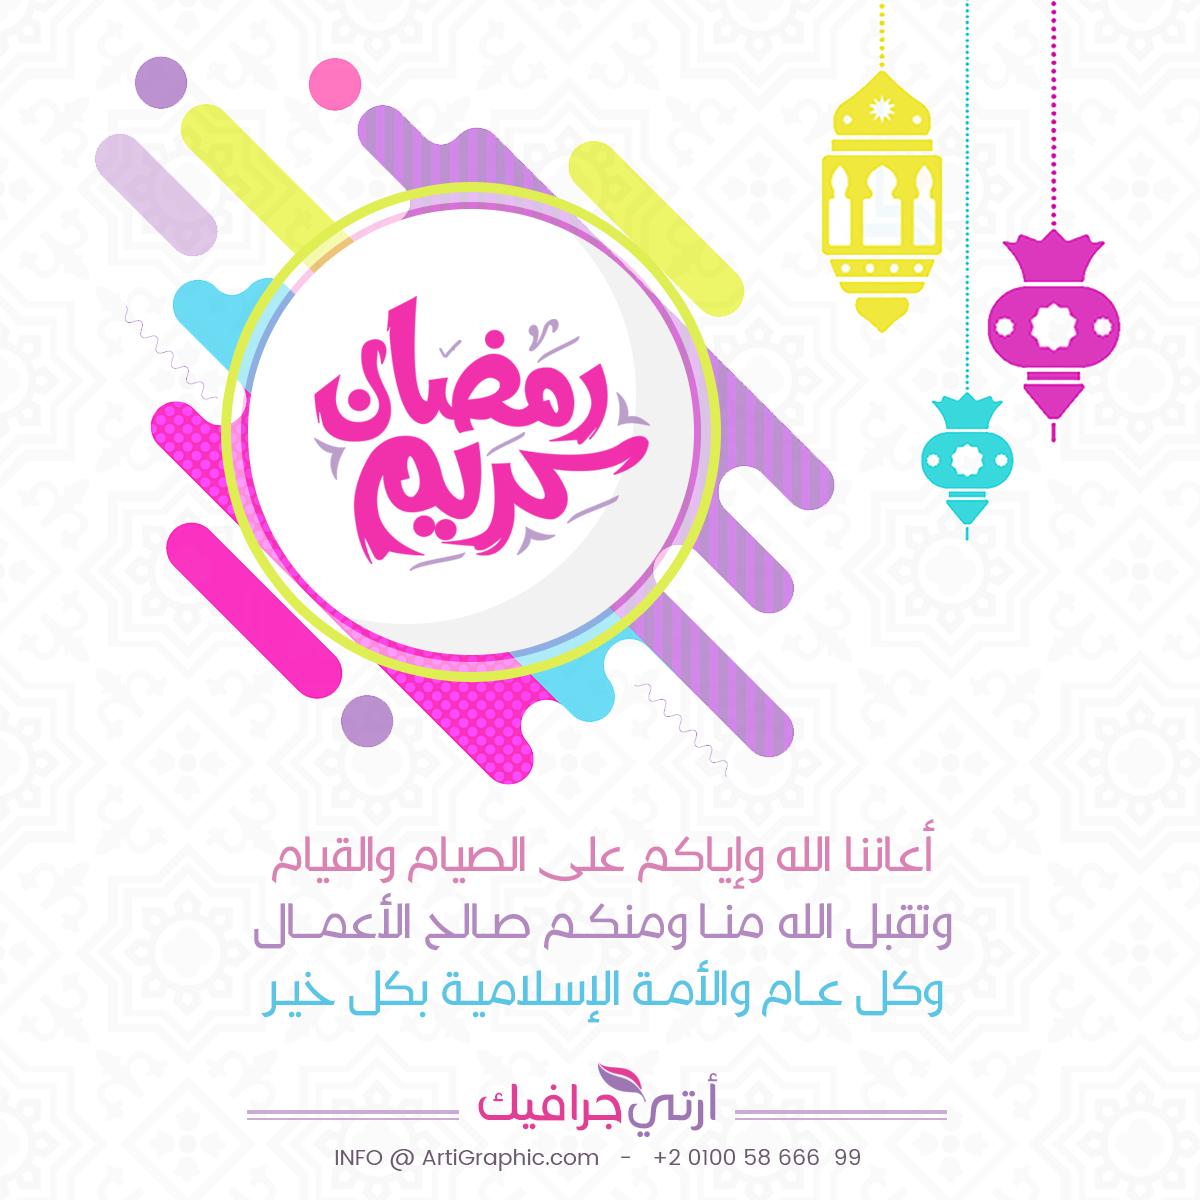 رمضان كريم كل عام والأمة الإسلامية جميعا بخير وأعاننا الله على الصيام والقيام وتقبل منا ومنكم صالح الأعمال F Ramadan Crafts Web Design Web Design Company